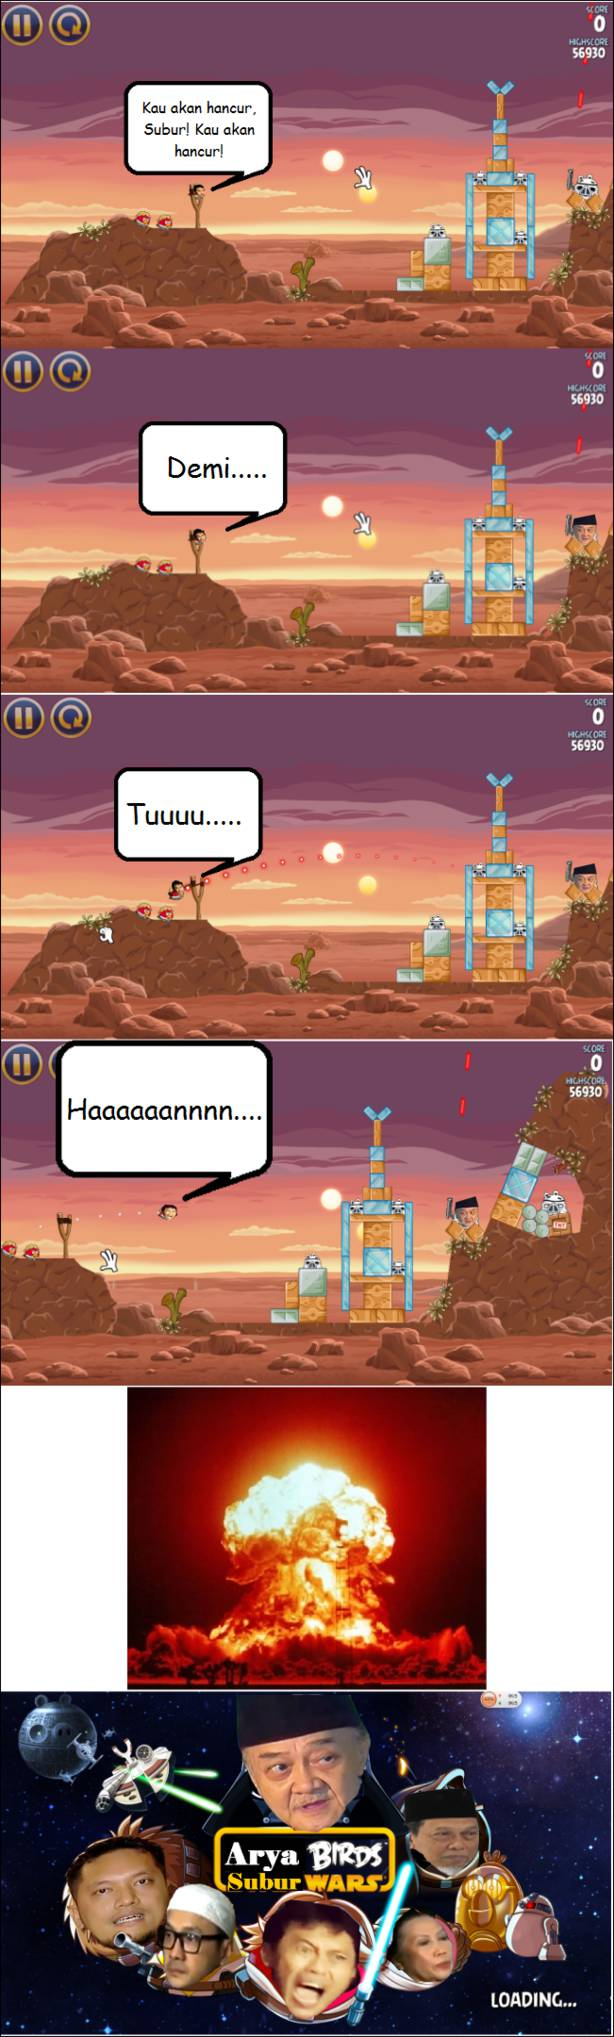 Arya Wiguna ngamuk versi Angry Bird, never coming (karna coming soon udah terlalu maintstream)